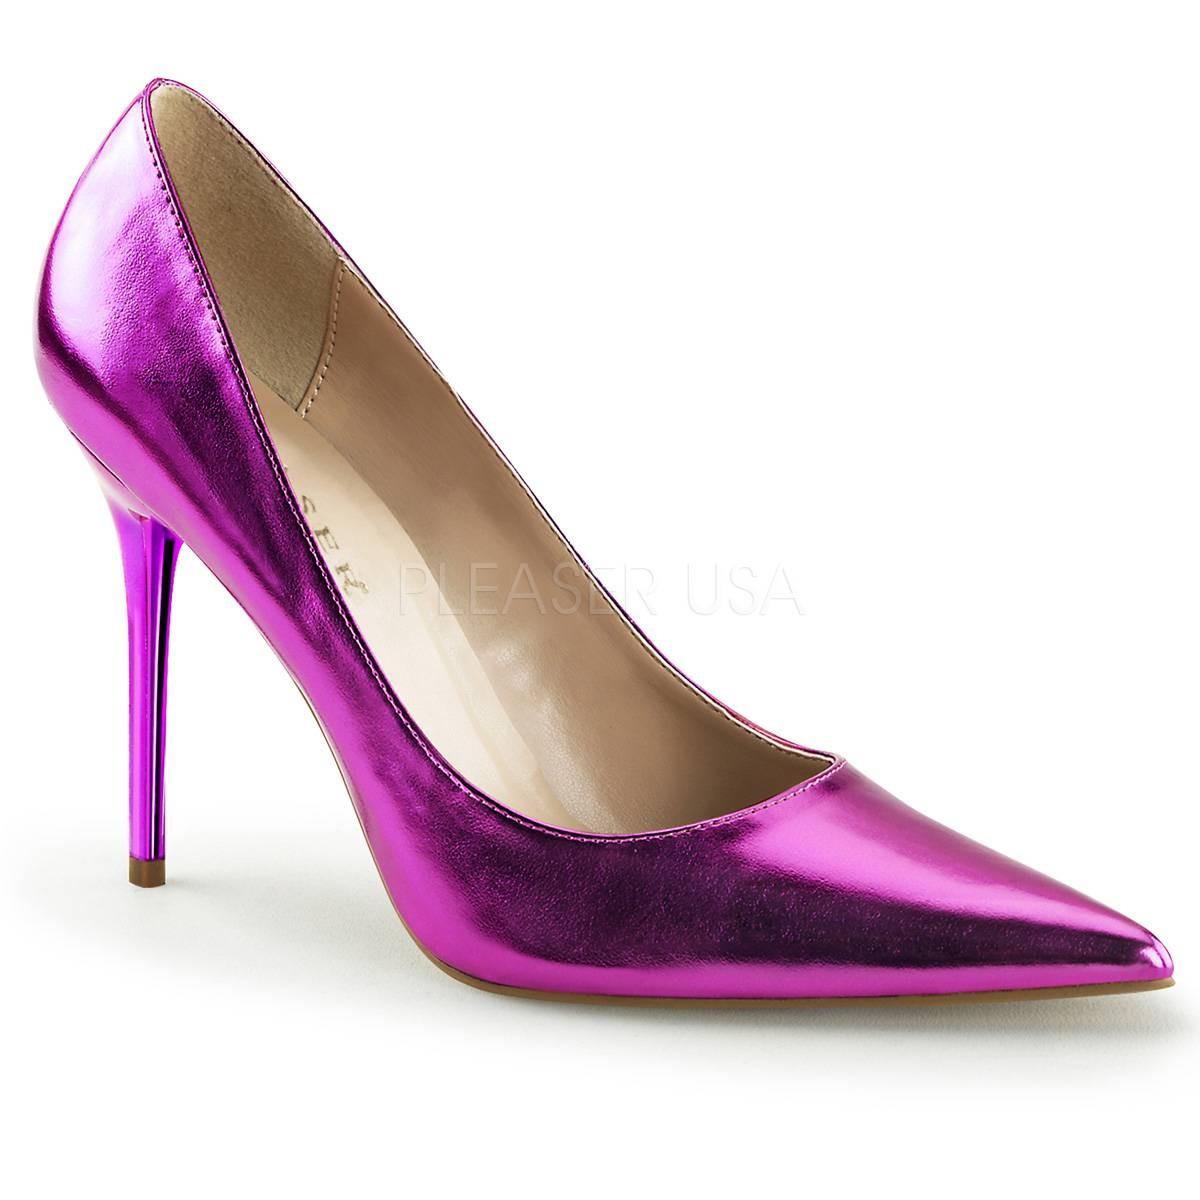 Pumps für Frauen - CLASSIQUE 20 ° Damen Pumps ° ViolettMatt ° Pleaser  - Onlineshop RedSixty